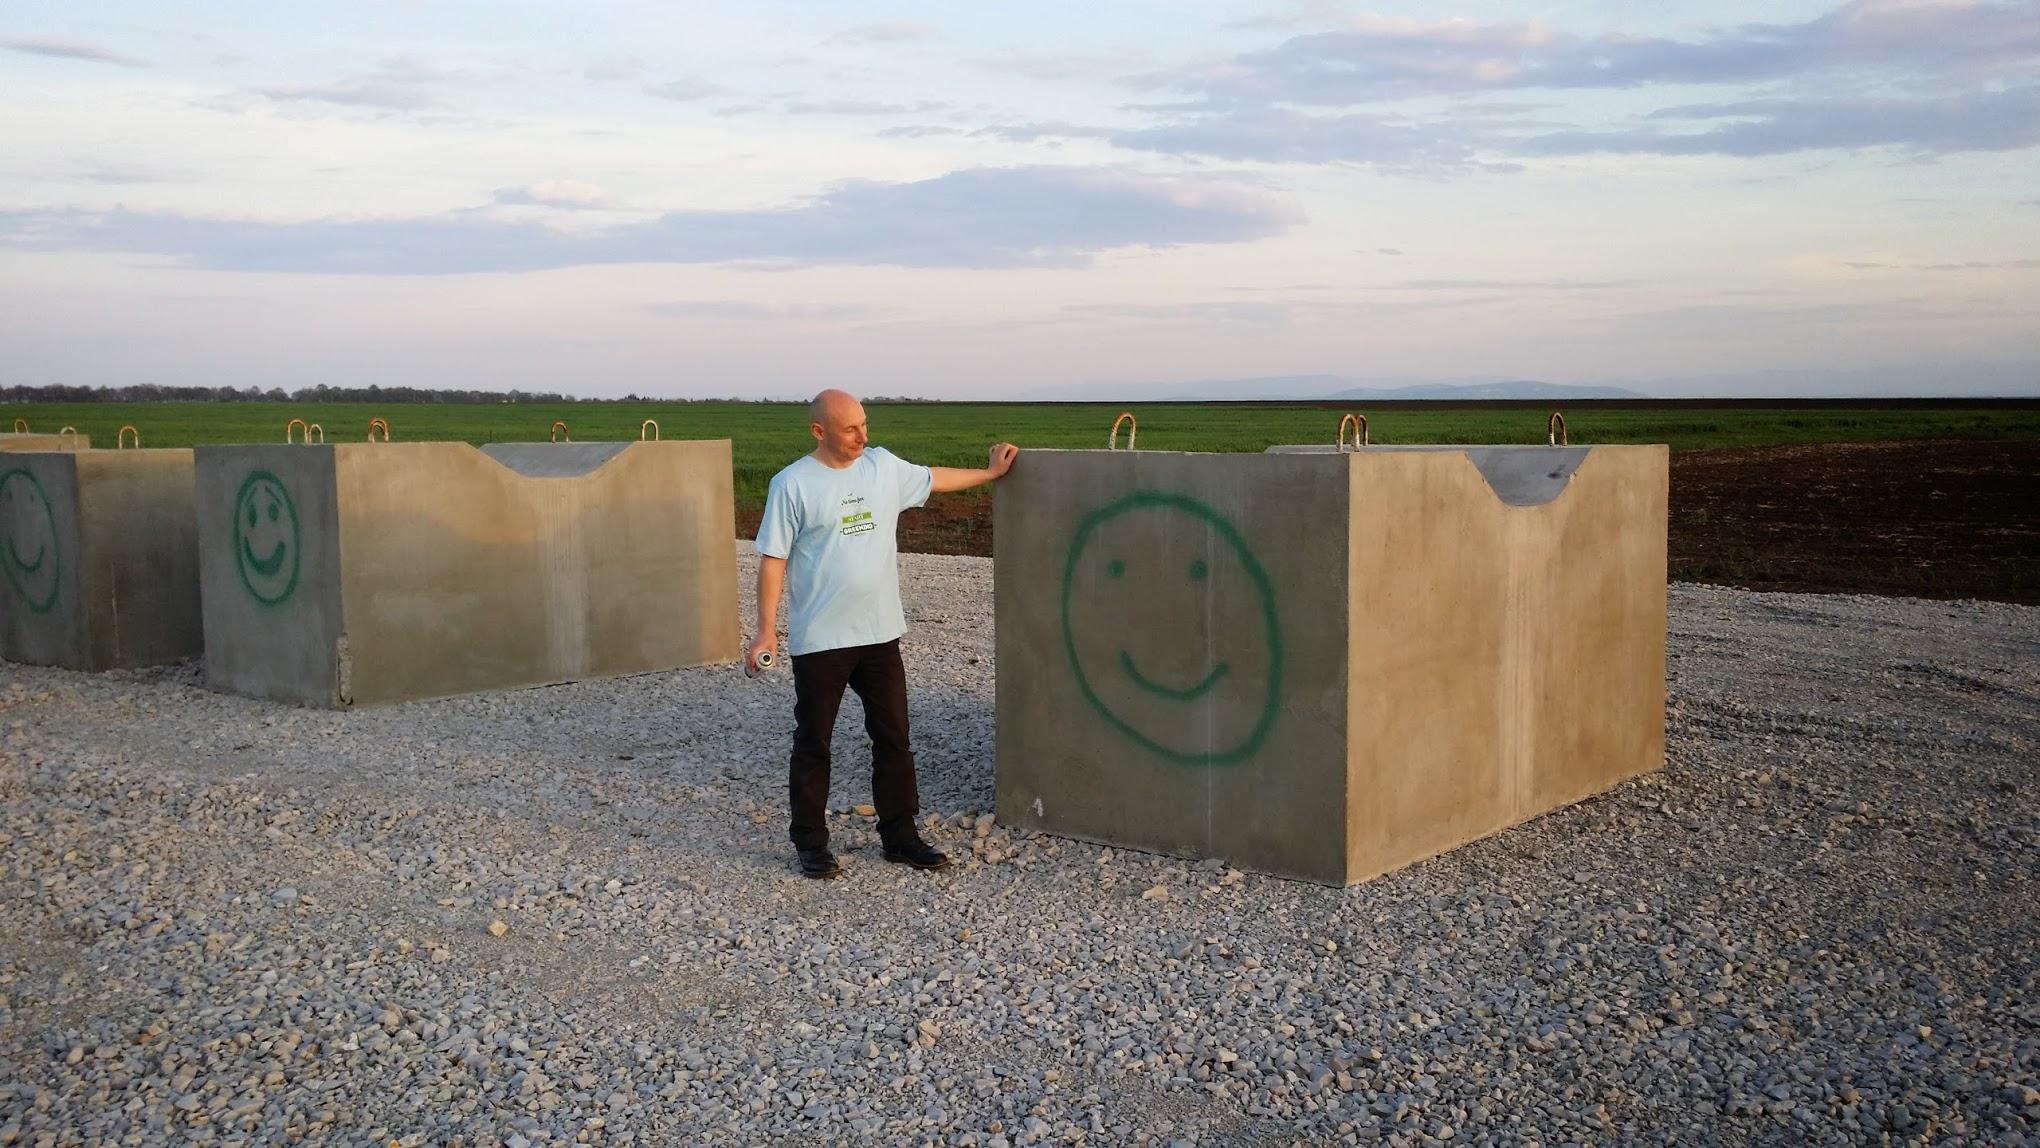 Труба Южного потока в Болгарии исчезла